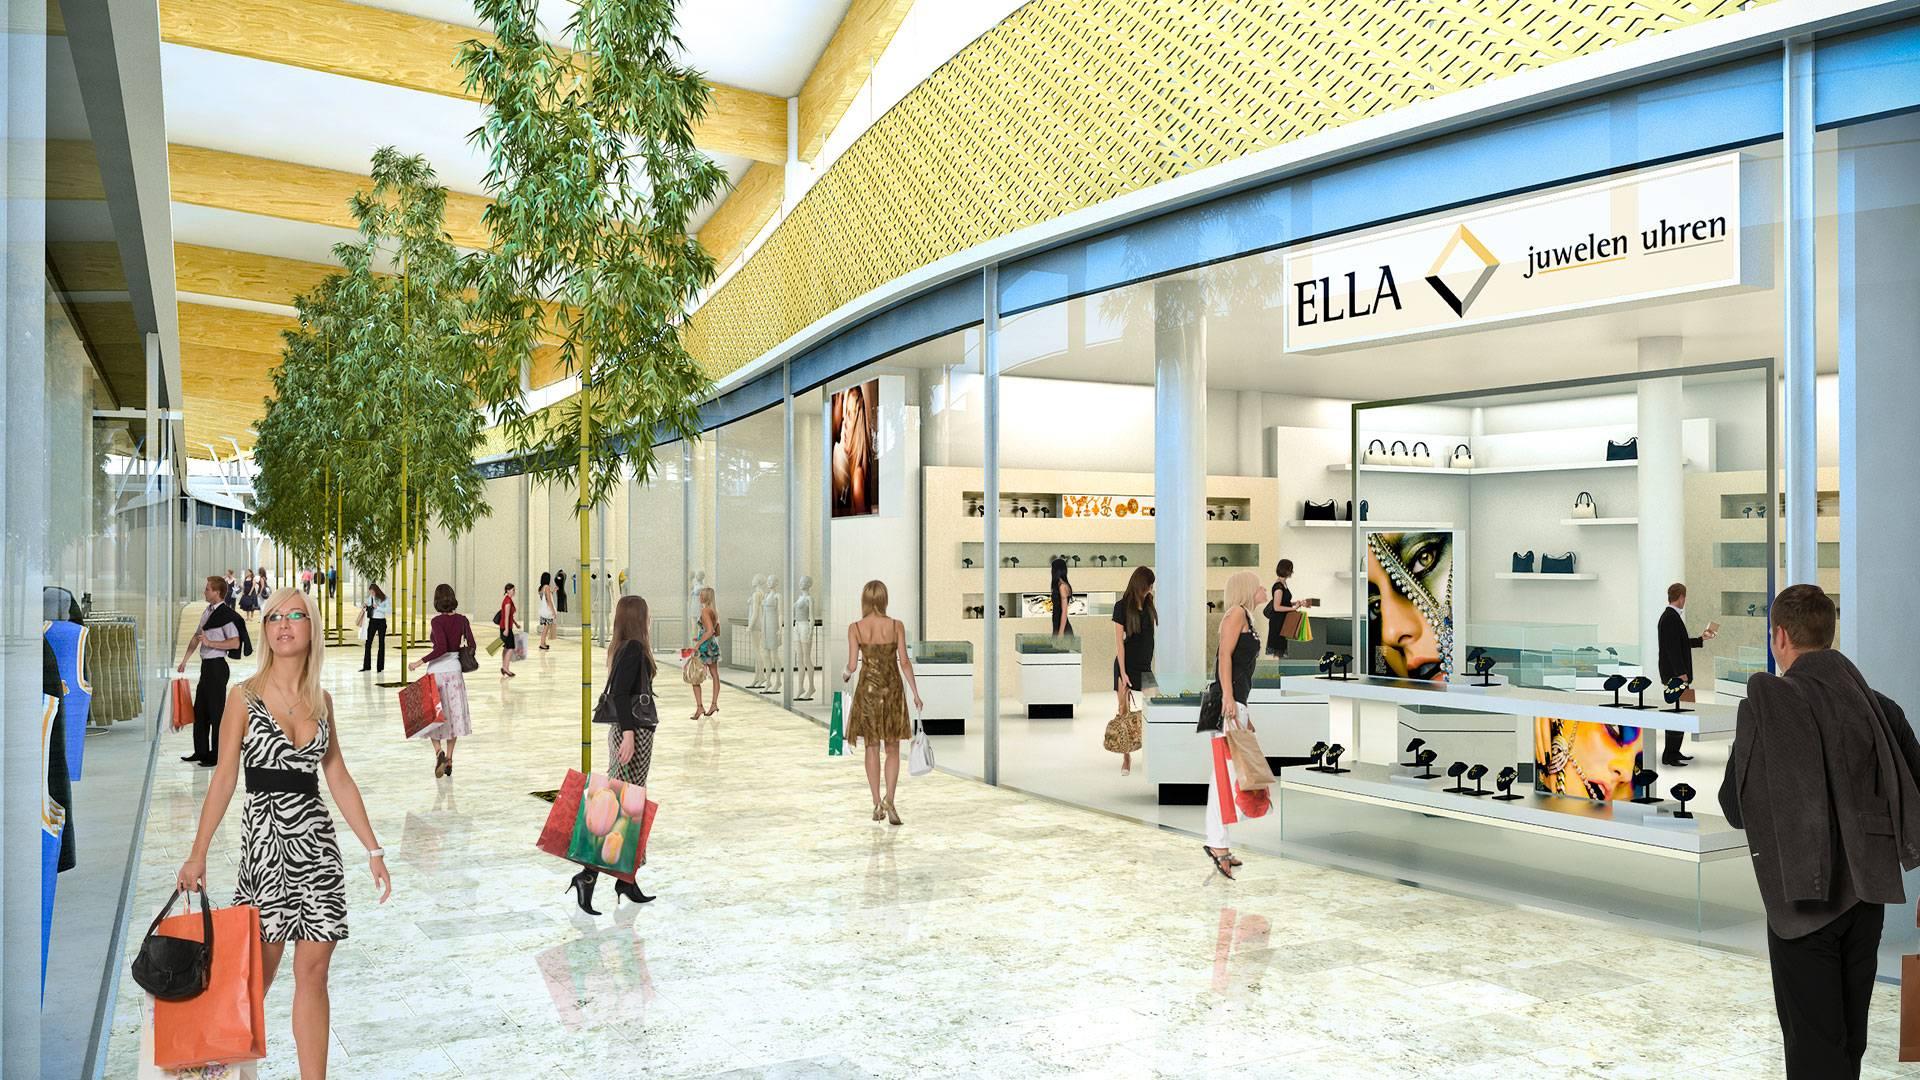 Шоппинг рима (италия): магазины, универмаги, аутлеты, супермаркеты, фото, рейтинг 2021, отзывы, адреса